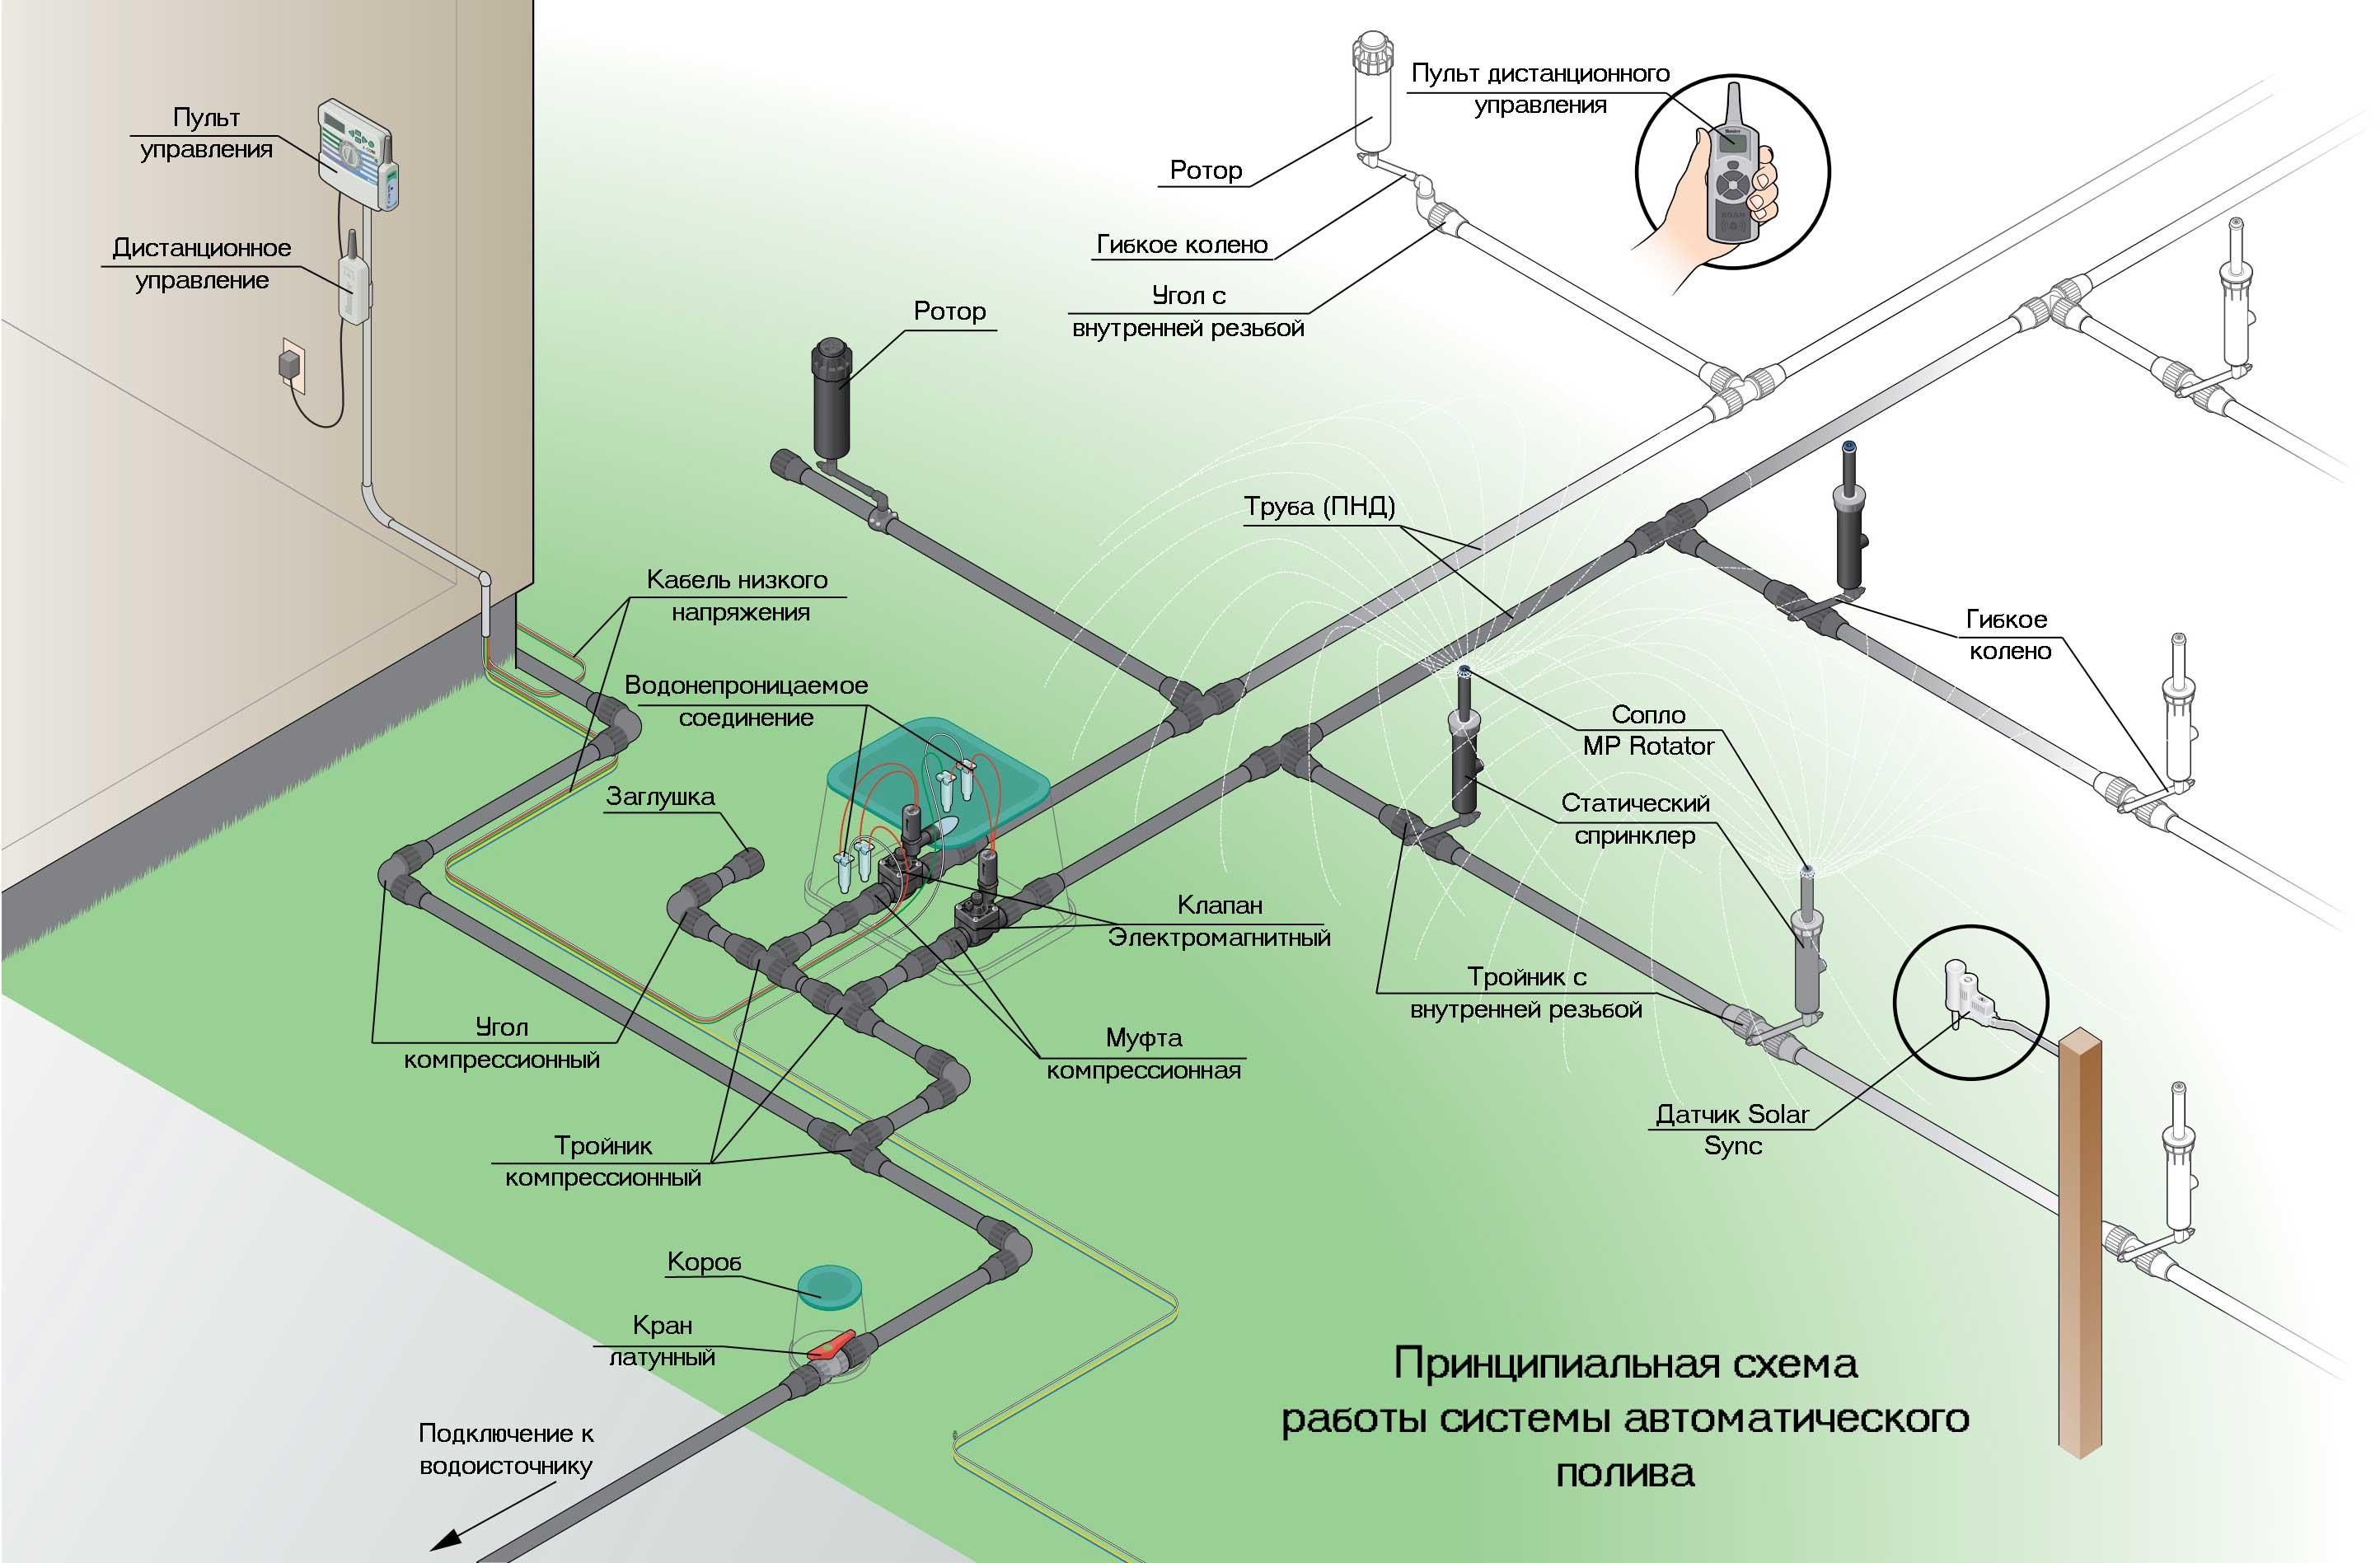 Принципиальная схема работы системы автоматического полива